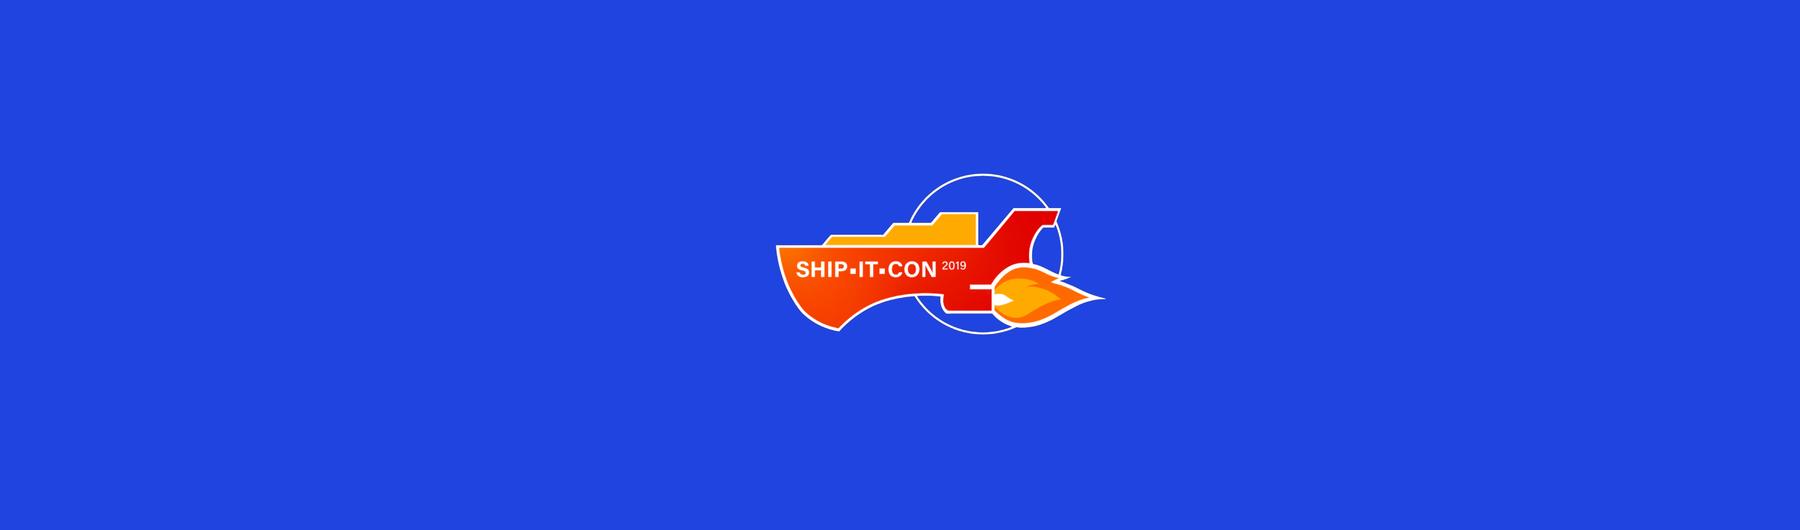 ShipItCon 2019